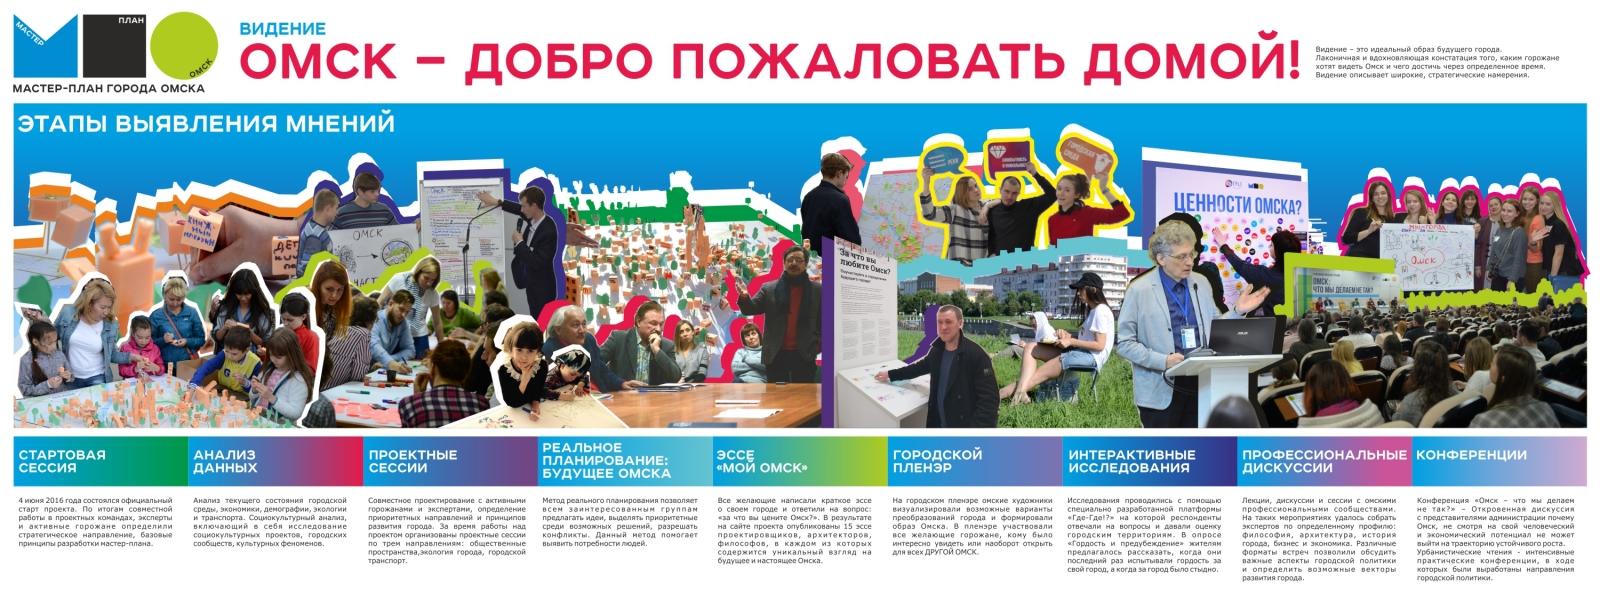 work-Мастер-план Омска